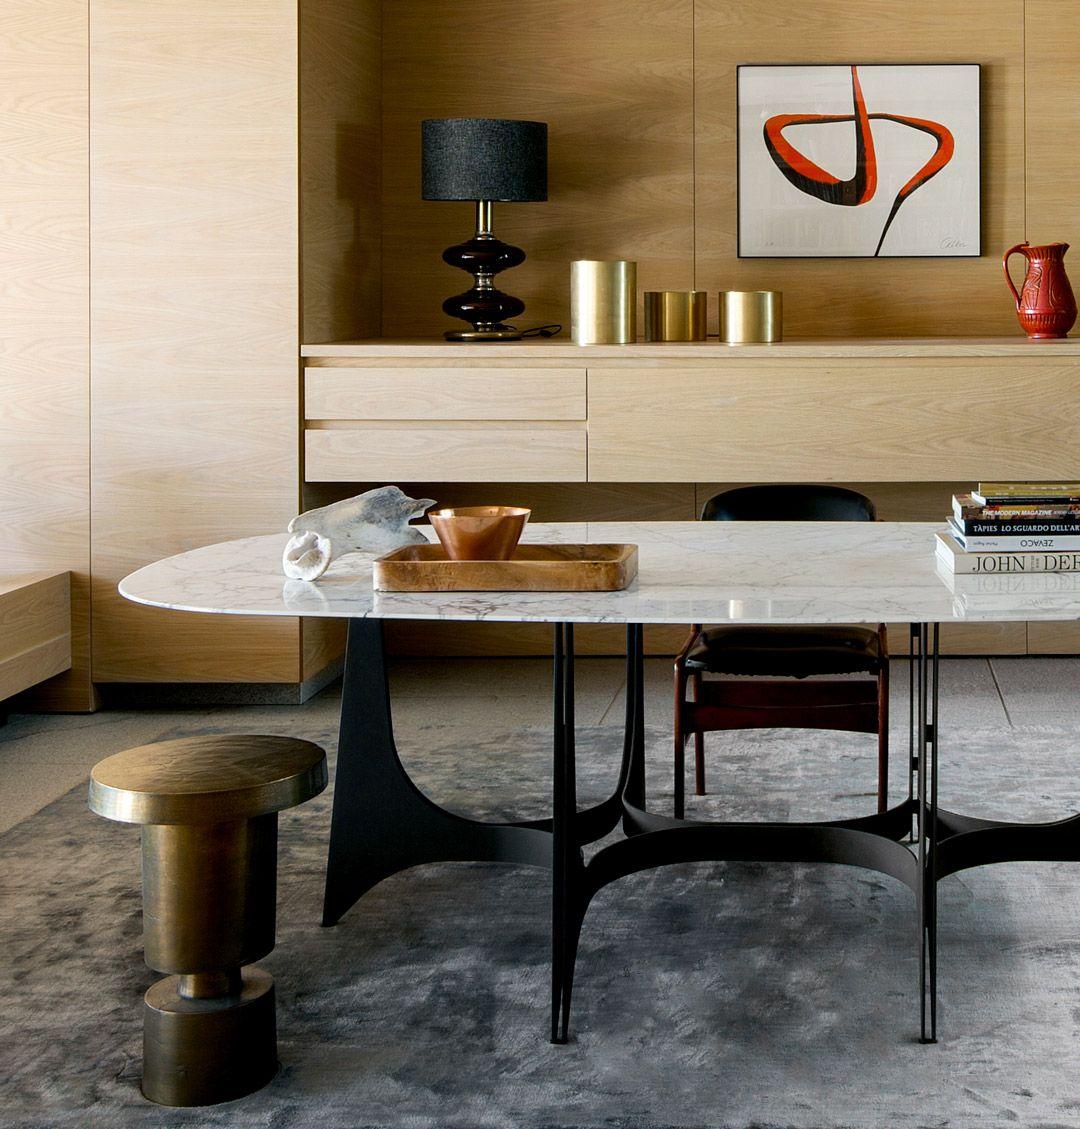 Okha Interior Design Decor Studio Based In Cape Town South